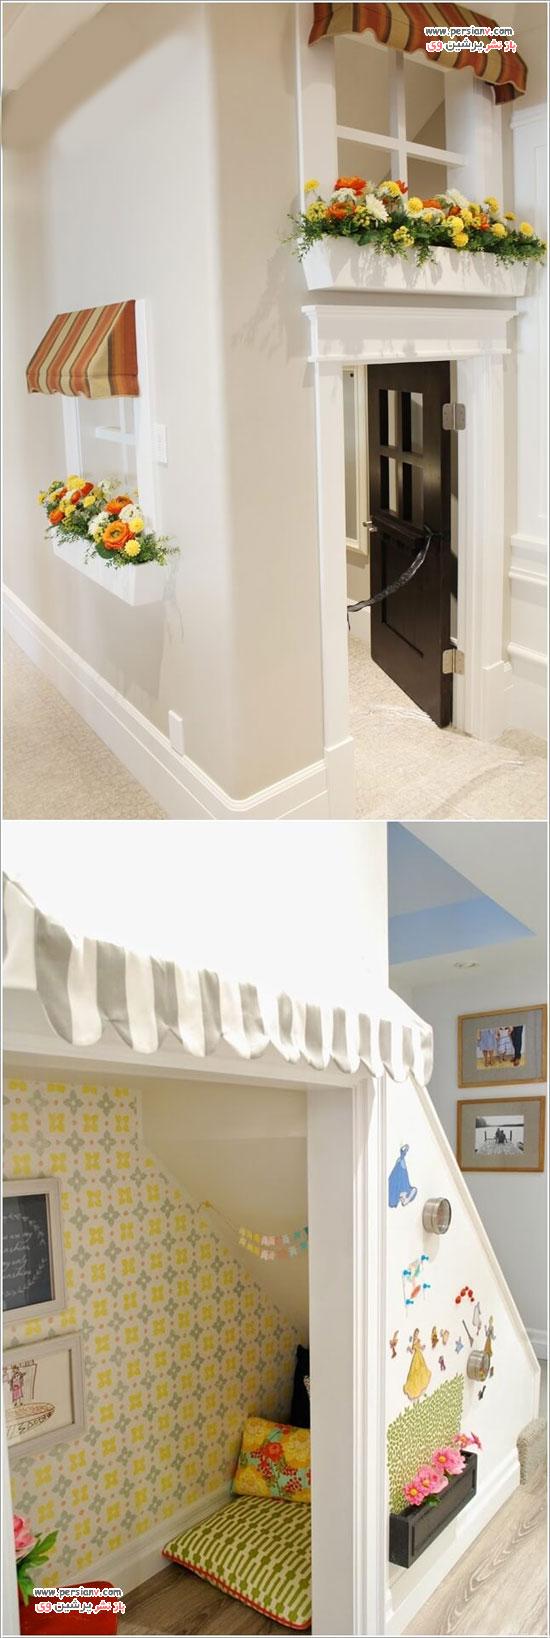 استفاده های مختلف از فضای زیر پله